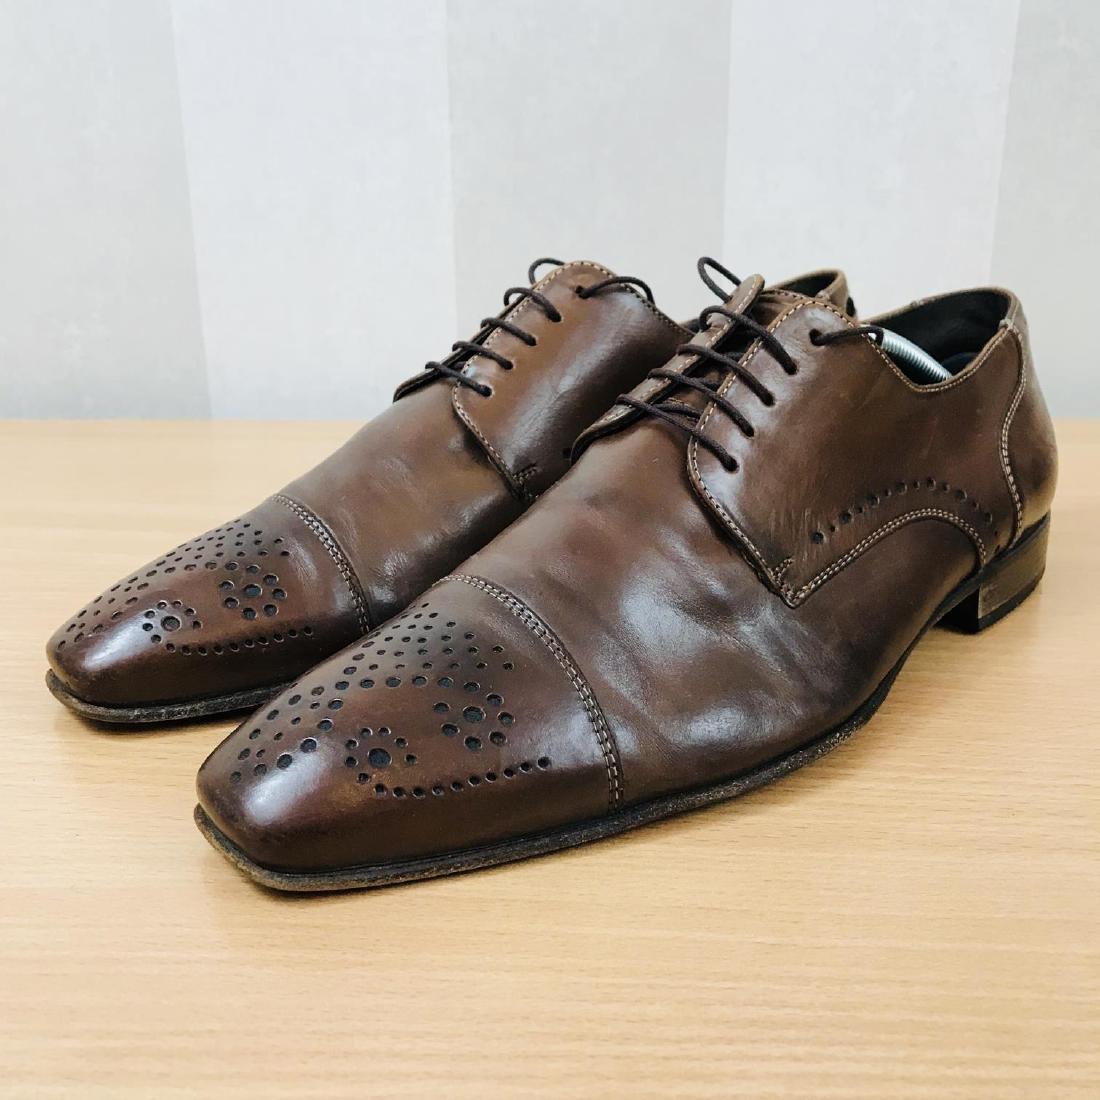 Vintage Men's LLOYD Leather Shoes Size EUR 41 US 8 - 5